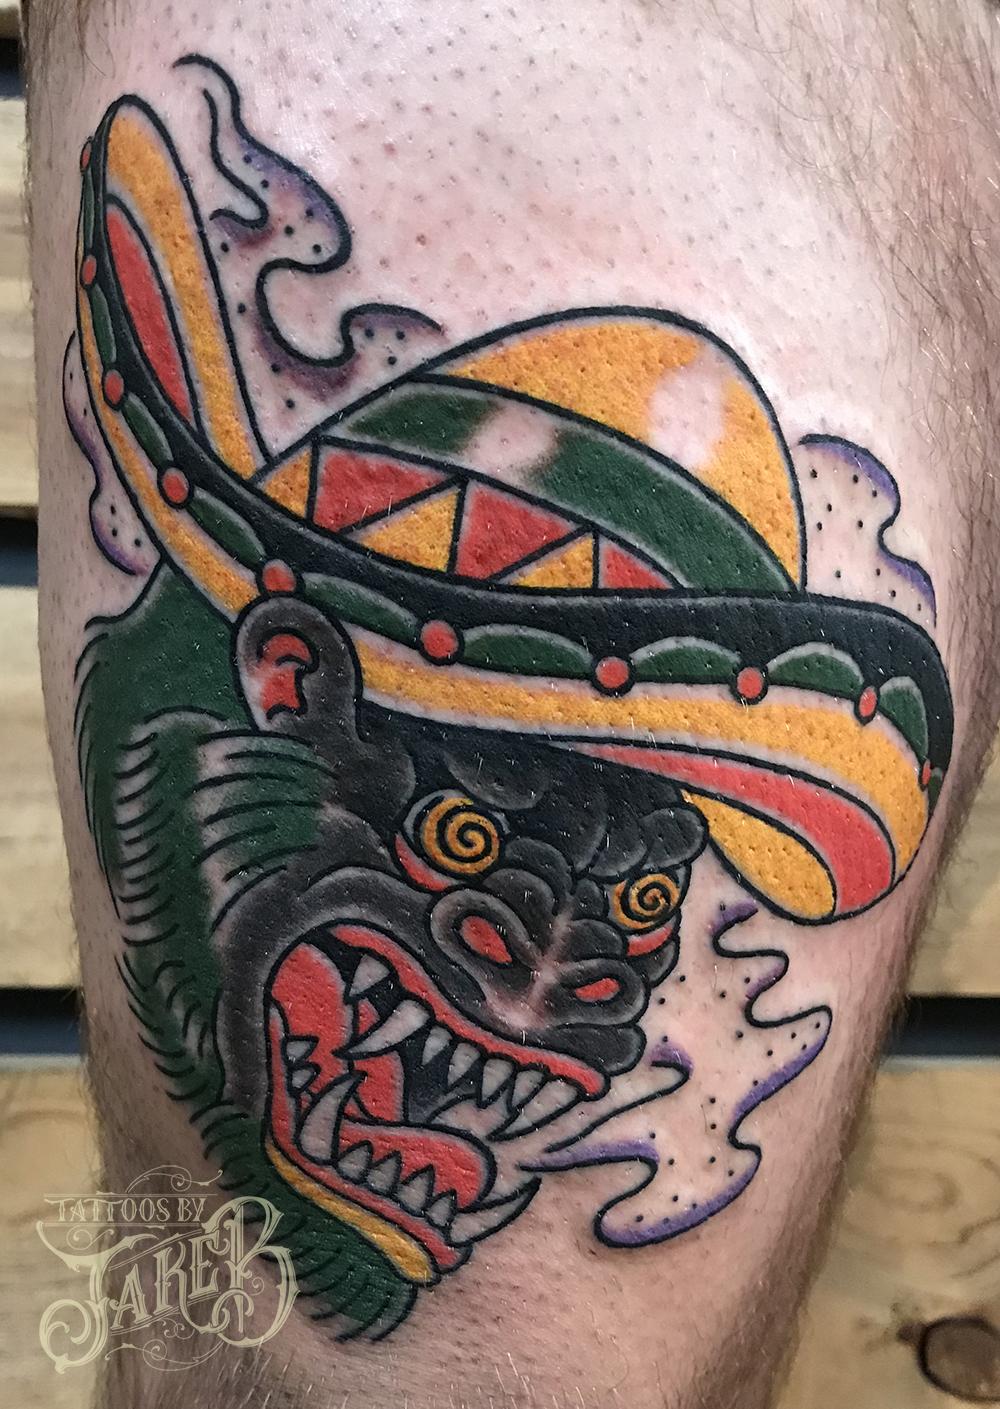 Southwest sombrero gorilla tattoo by Jake B